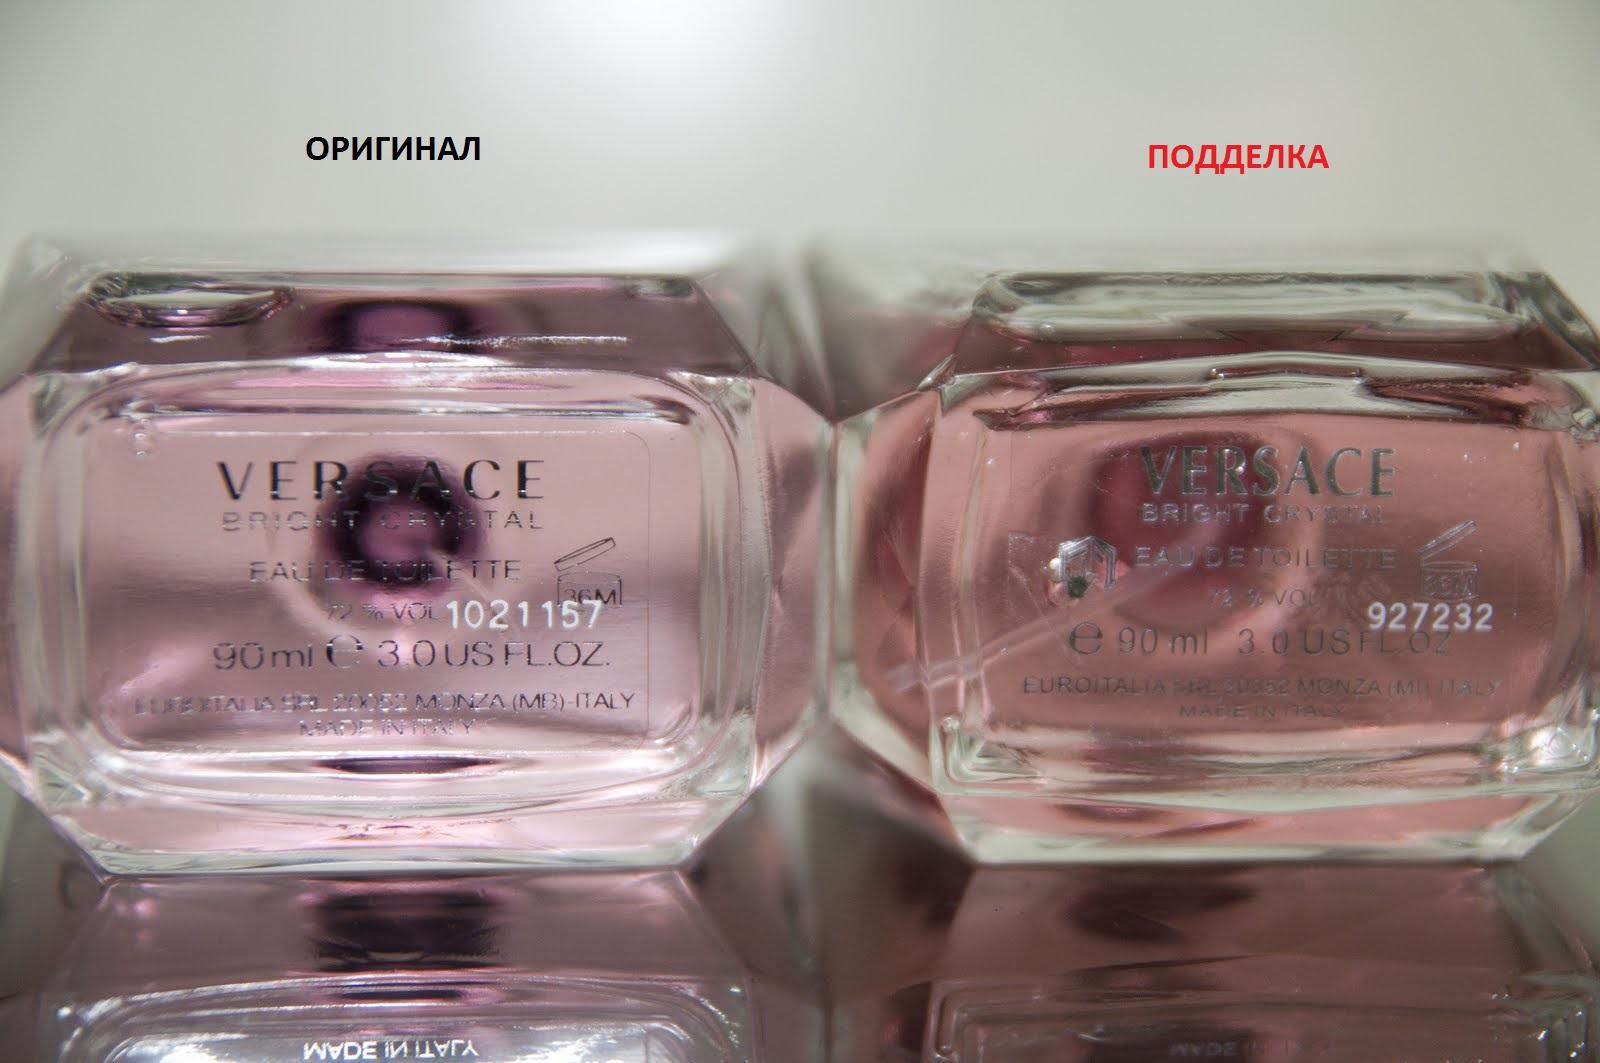 Наклейка на дне бутылки  разница в стиле шрифта и качестве наклейки 15c65ec16d09b